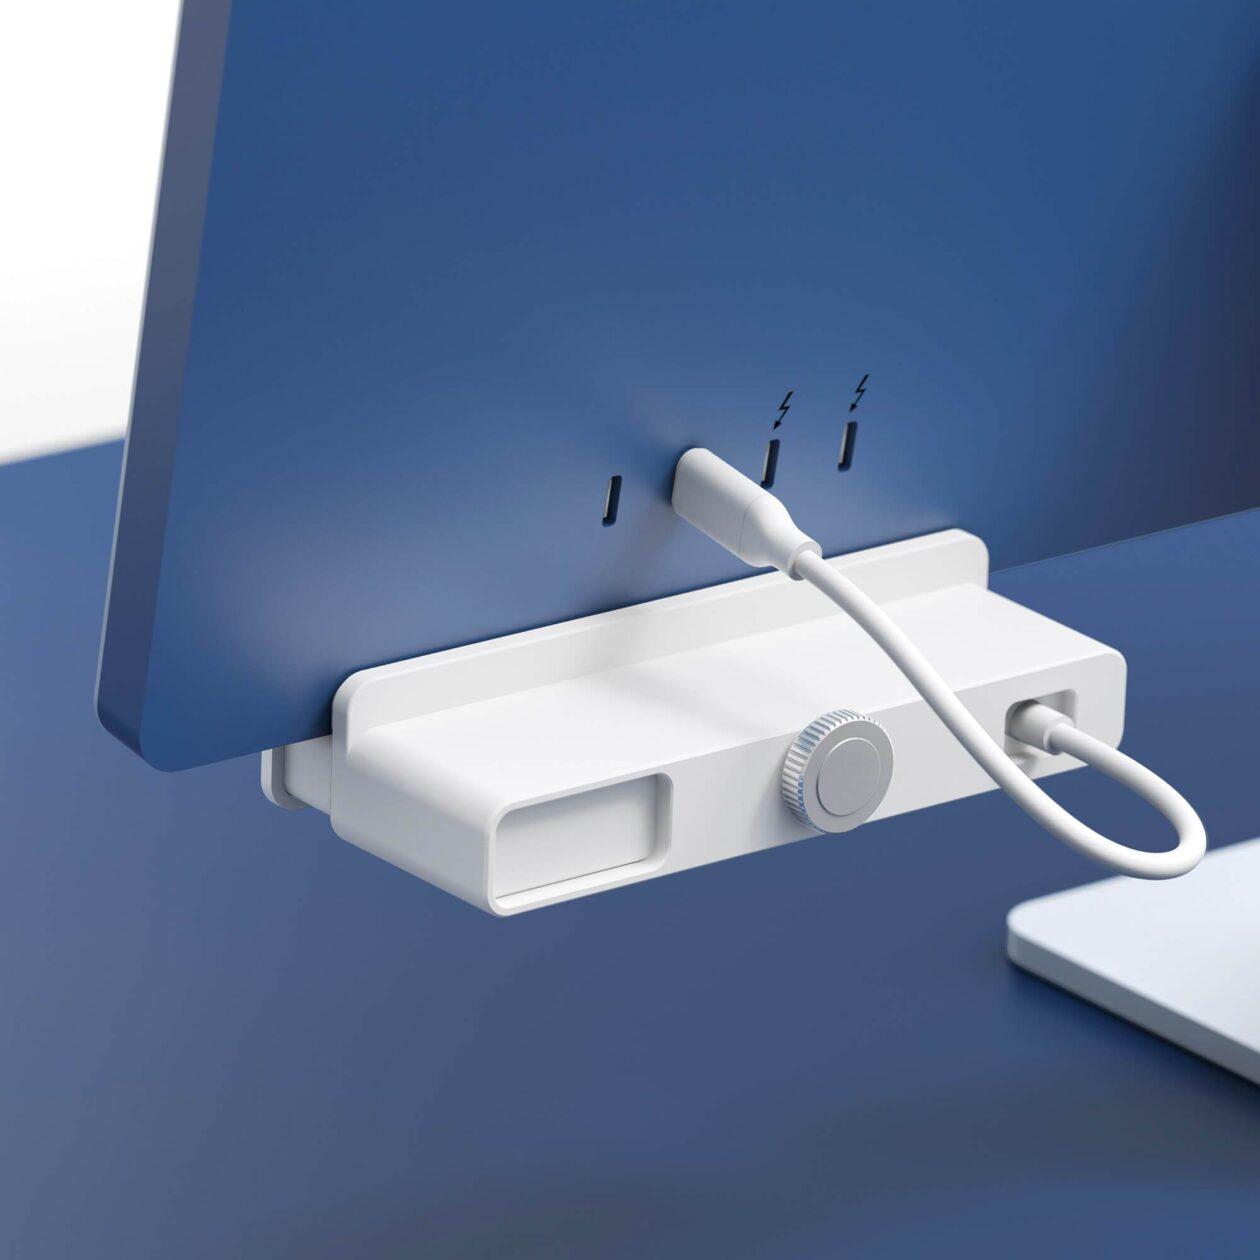 5-in-1 USB-C Hub for iMac 24″